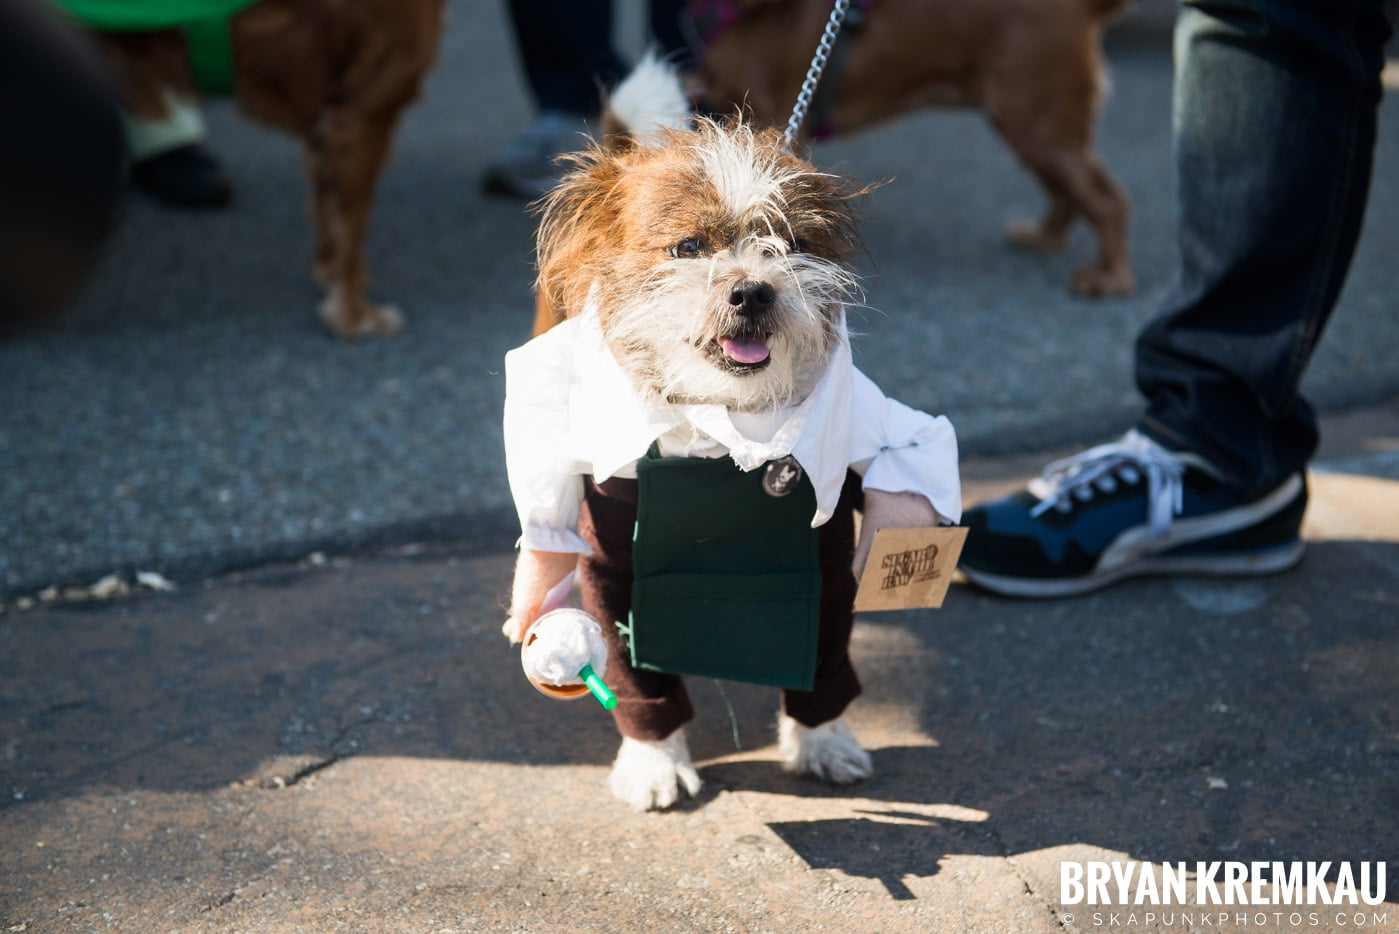 Tompkins Square Park Halloween Dog Parade 2017 @ Tompkins Square Park, NYC - 10.21.17 (38)